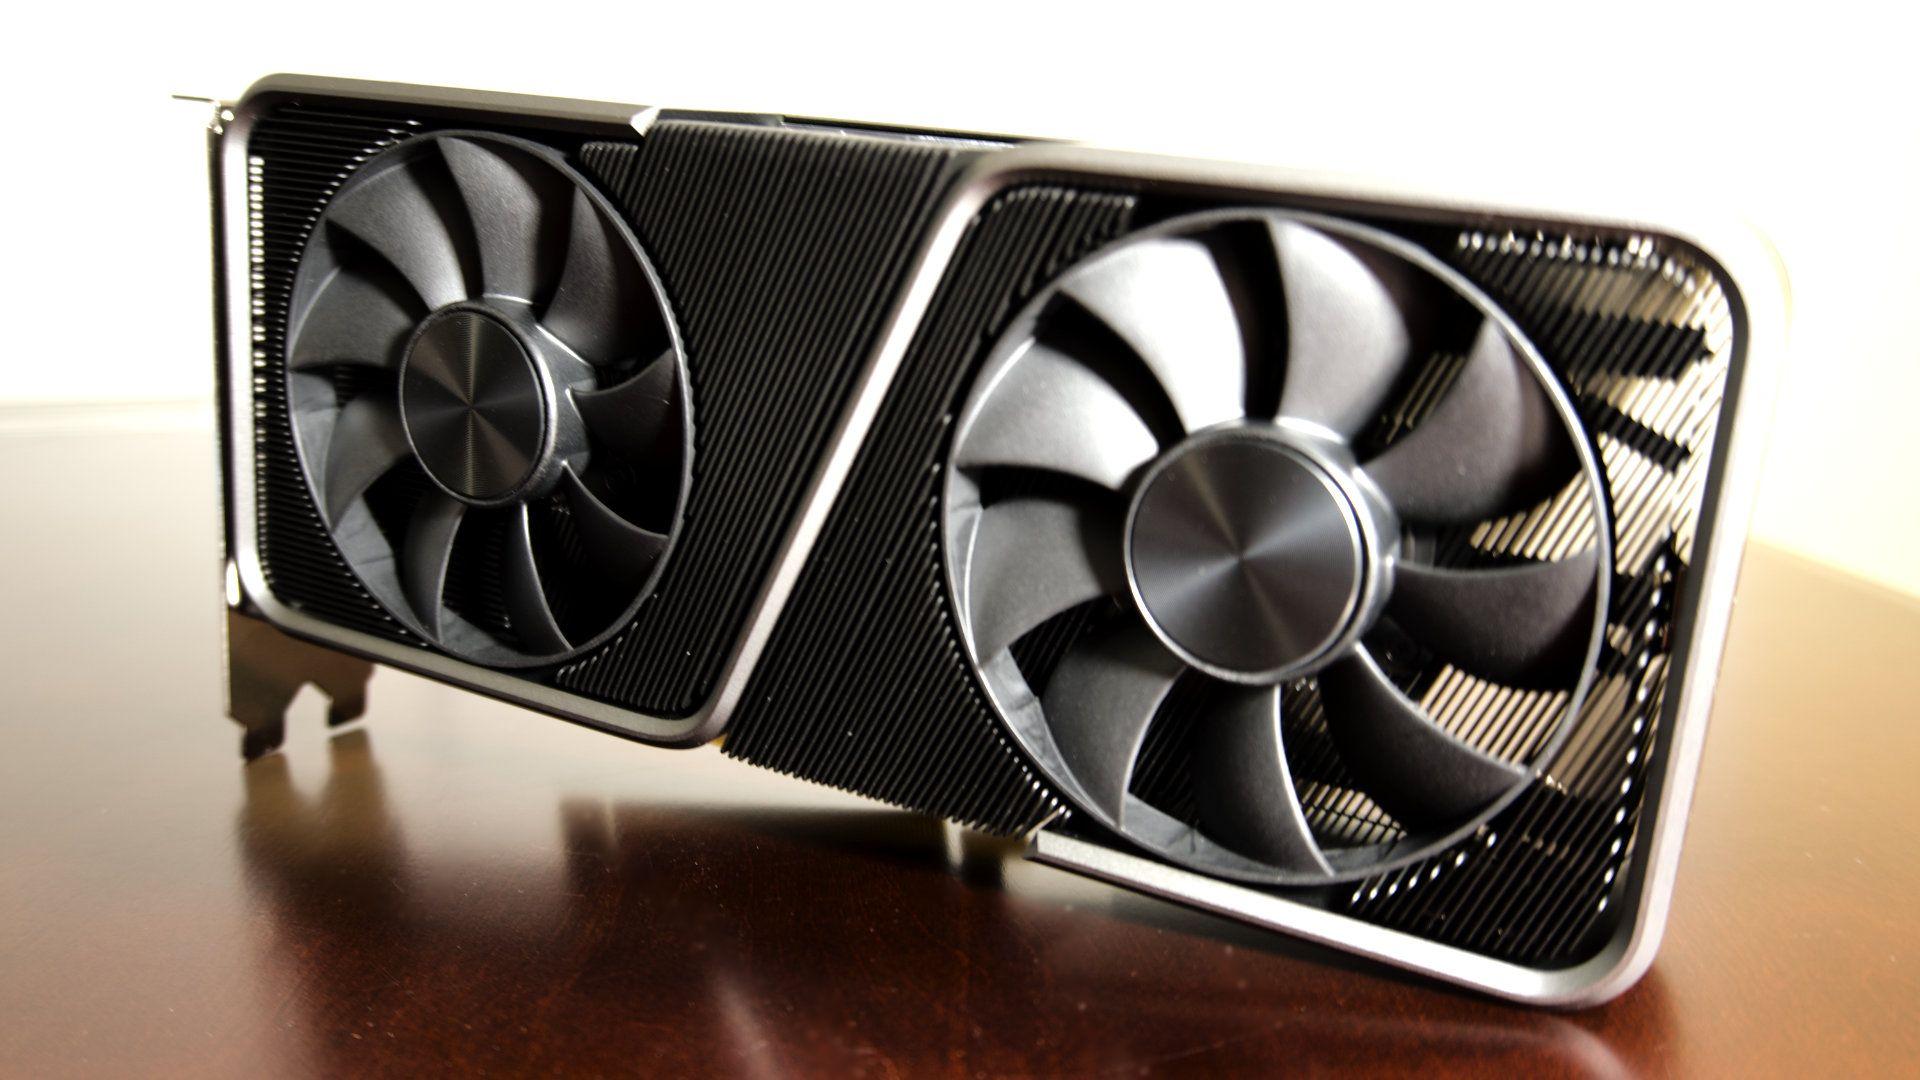 Dual fan, same side